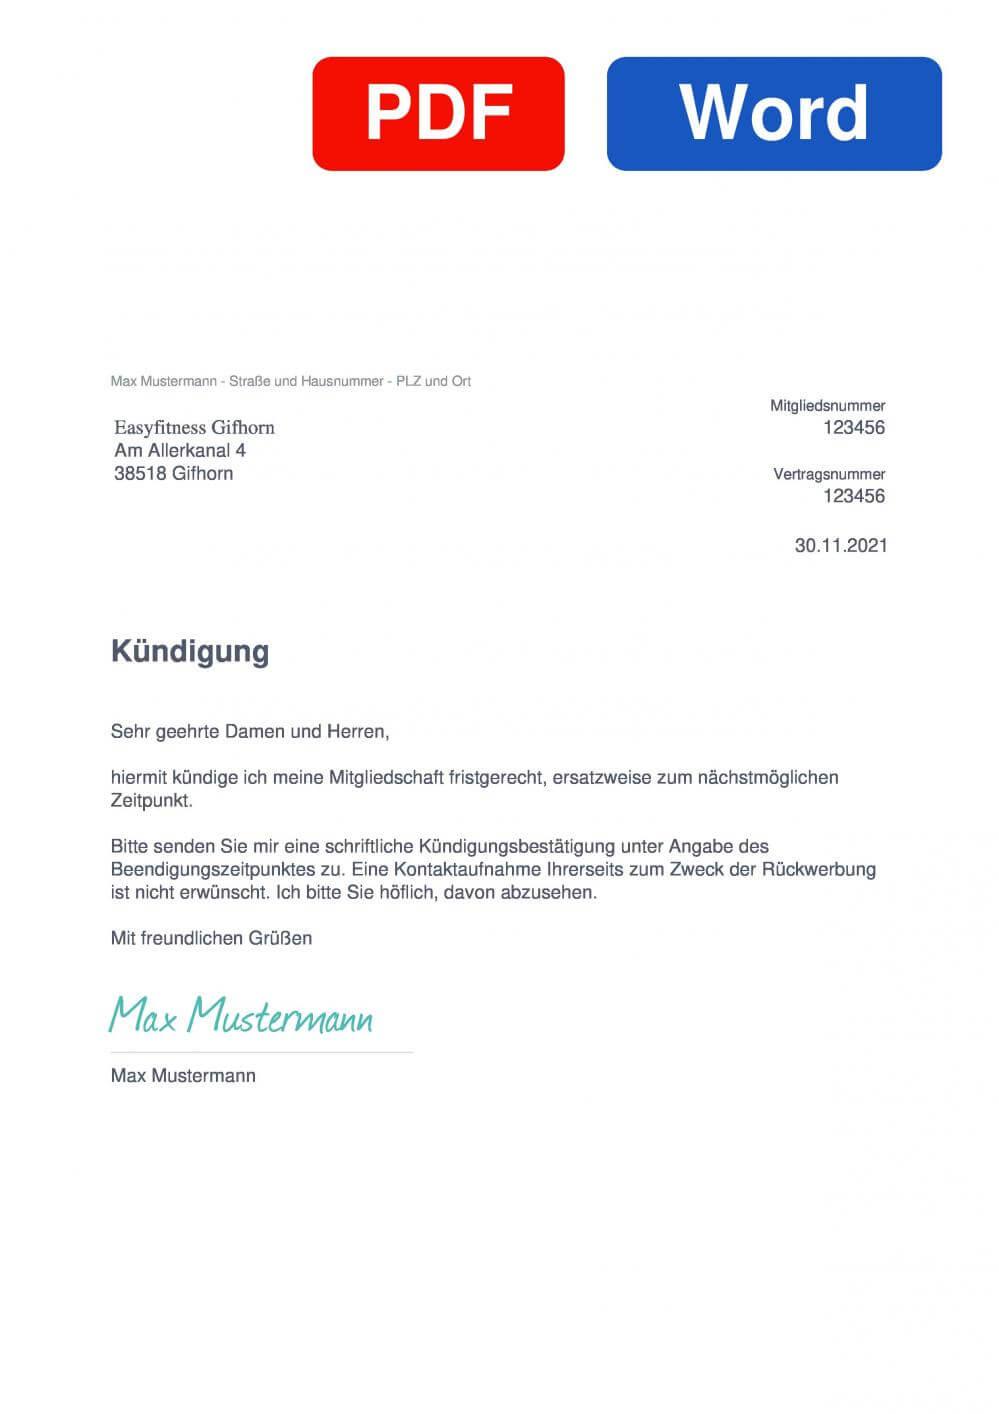 EASYFITNESS Gifhorn Muster Vorlage für Kündigungsschreiben